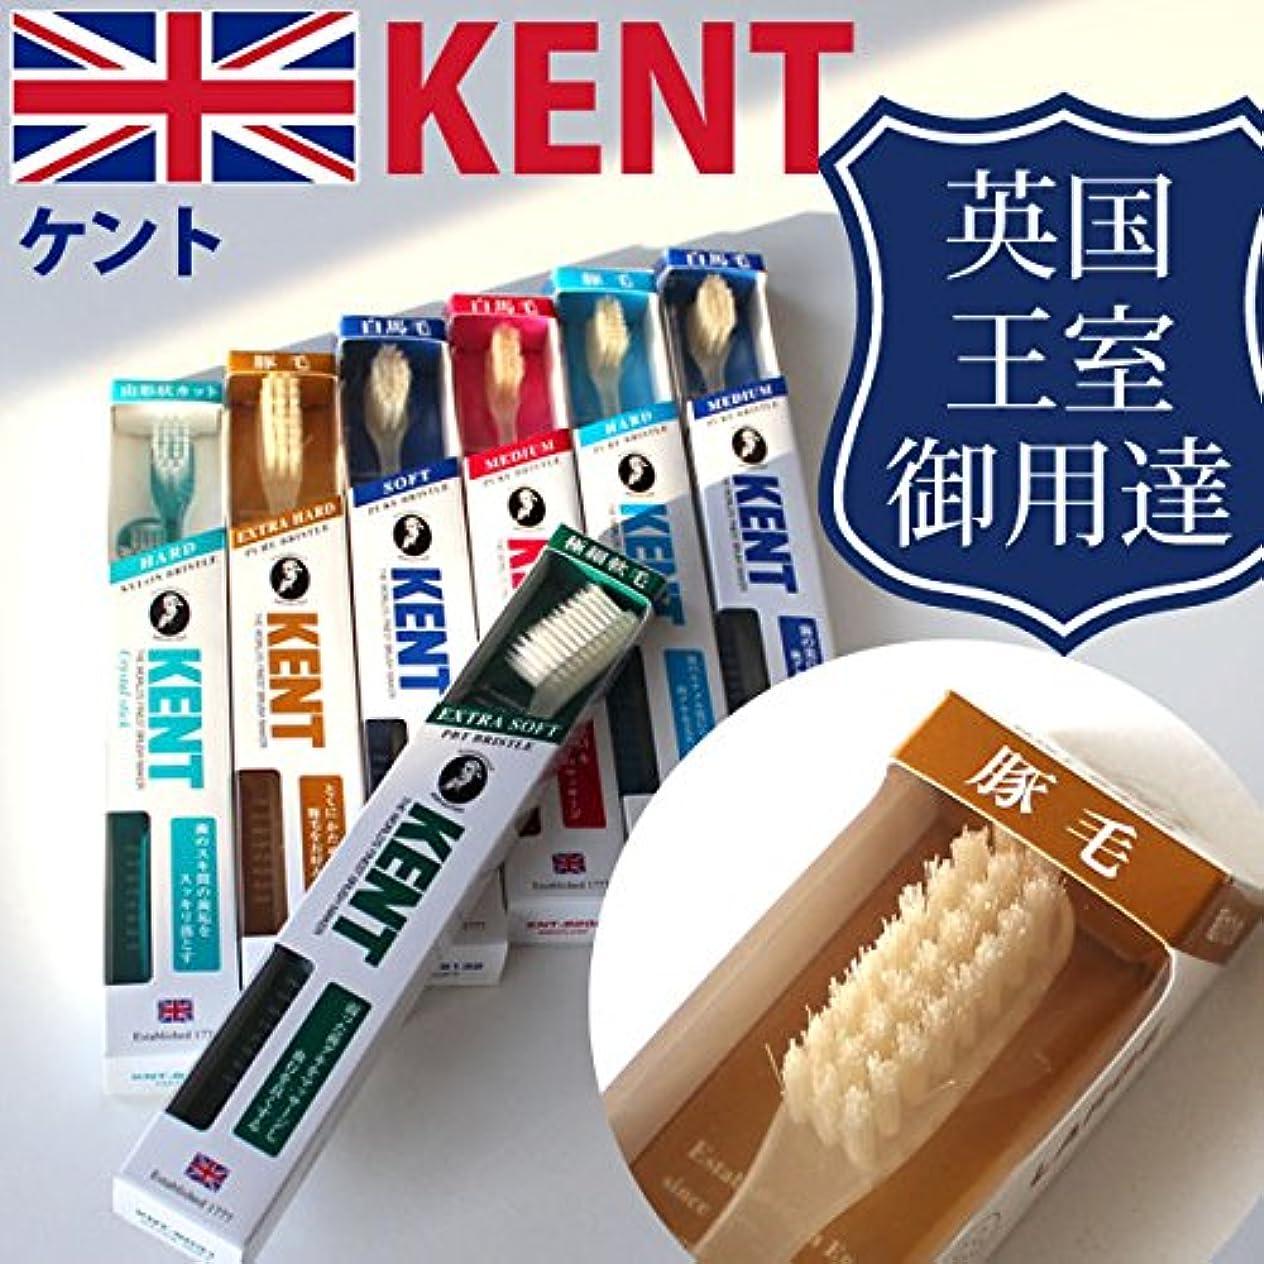 しおれたレモン徒歩でケント KENT 豚毛 コンパクト 歯ブラシKNT-9233/9833 6本入り 他の天然毛の歯ブラシに比べて細かく磨 ふつう